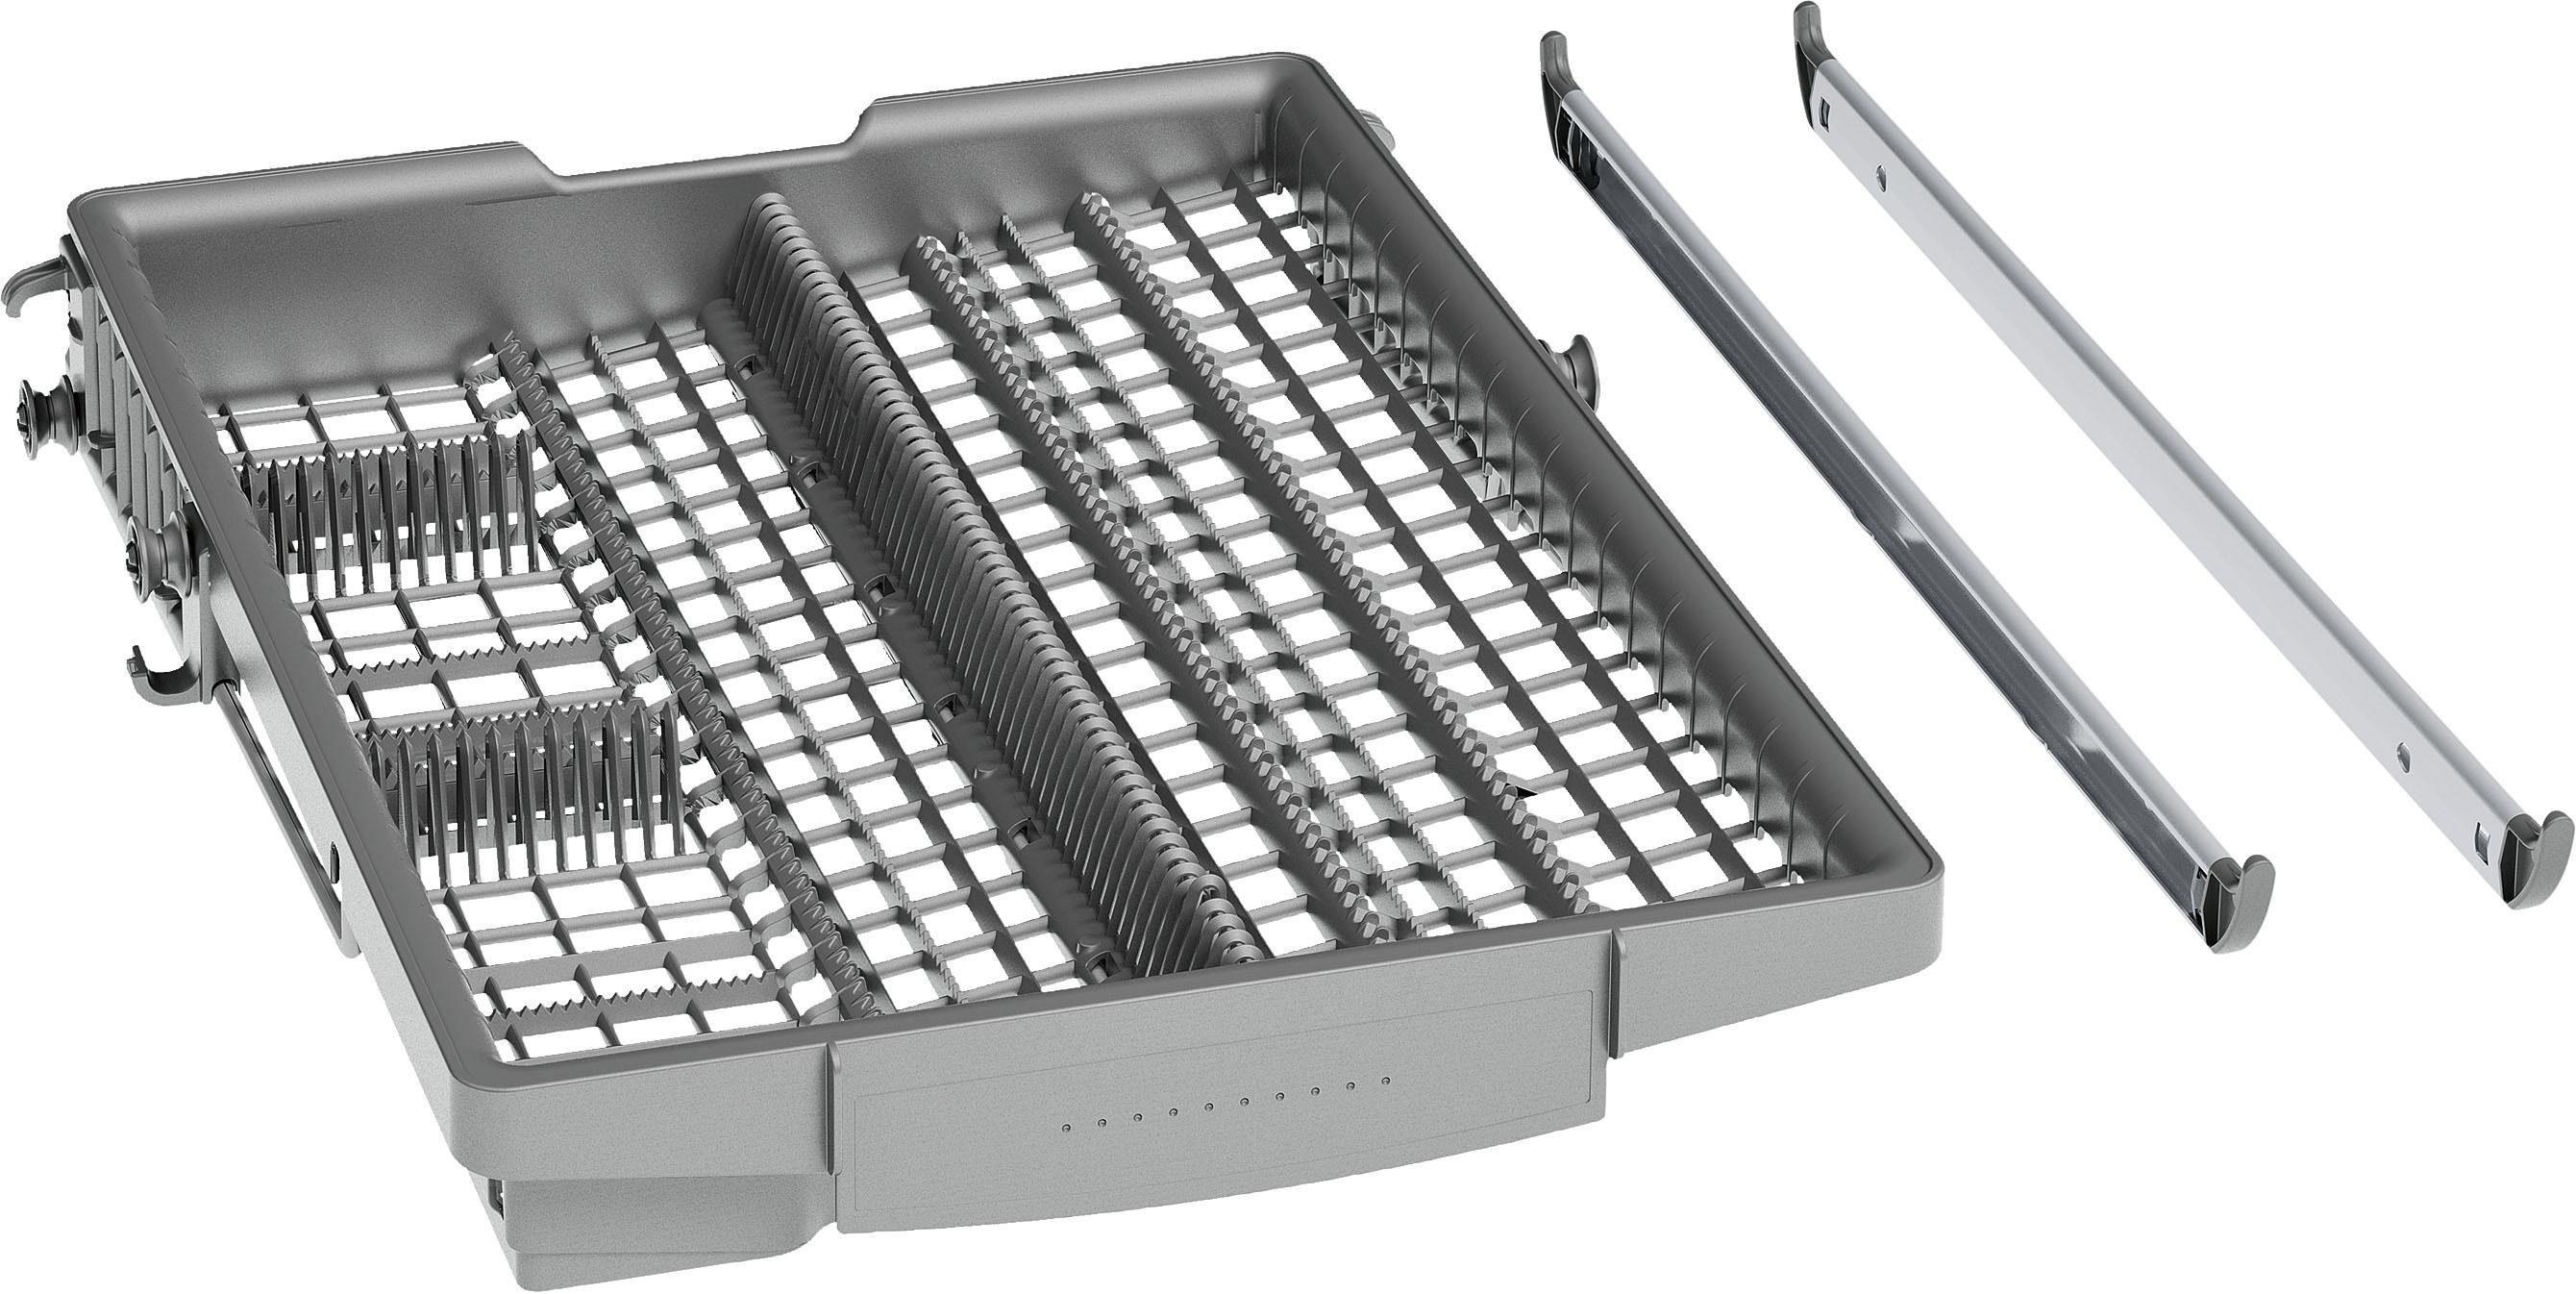 Bosch Sonderzubehör für Geschirrspüler Vario-Schublade SPZ1013